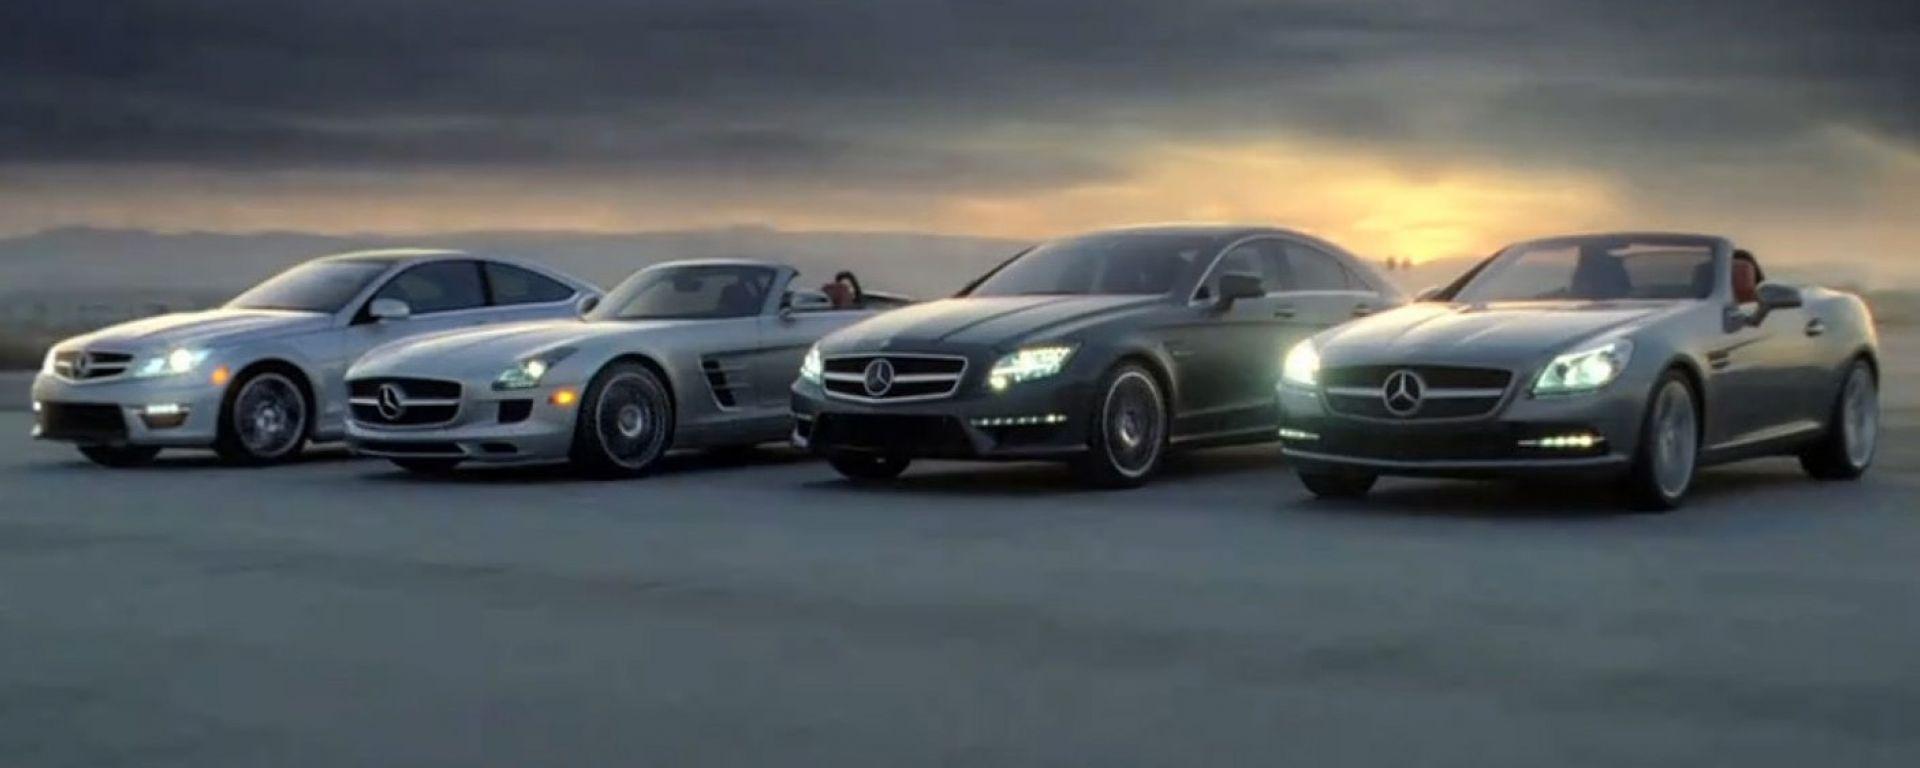 Svelate le Mercedes SLS AMG Roadster e Classe C Coupé